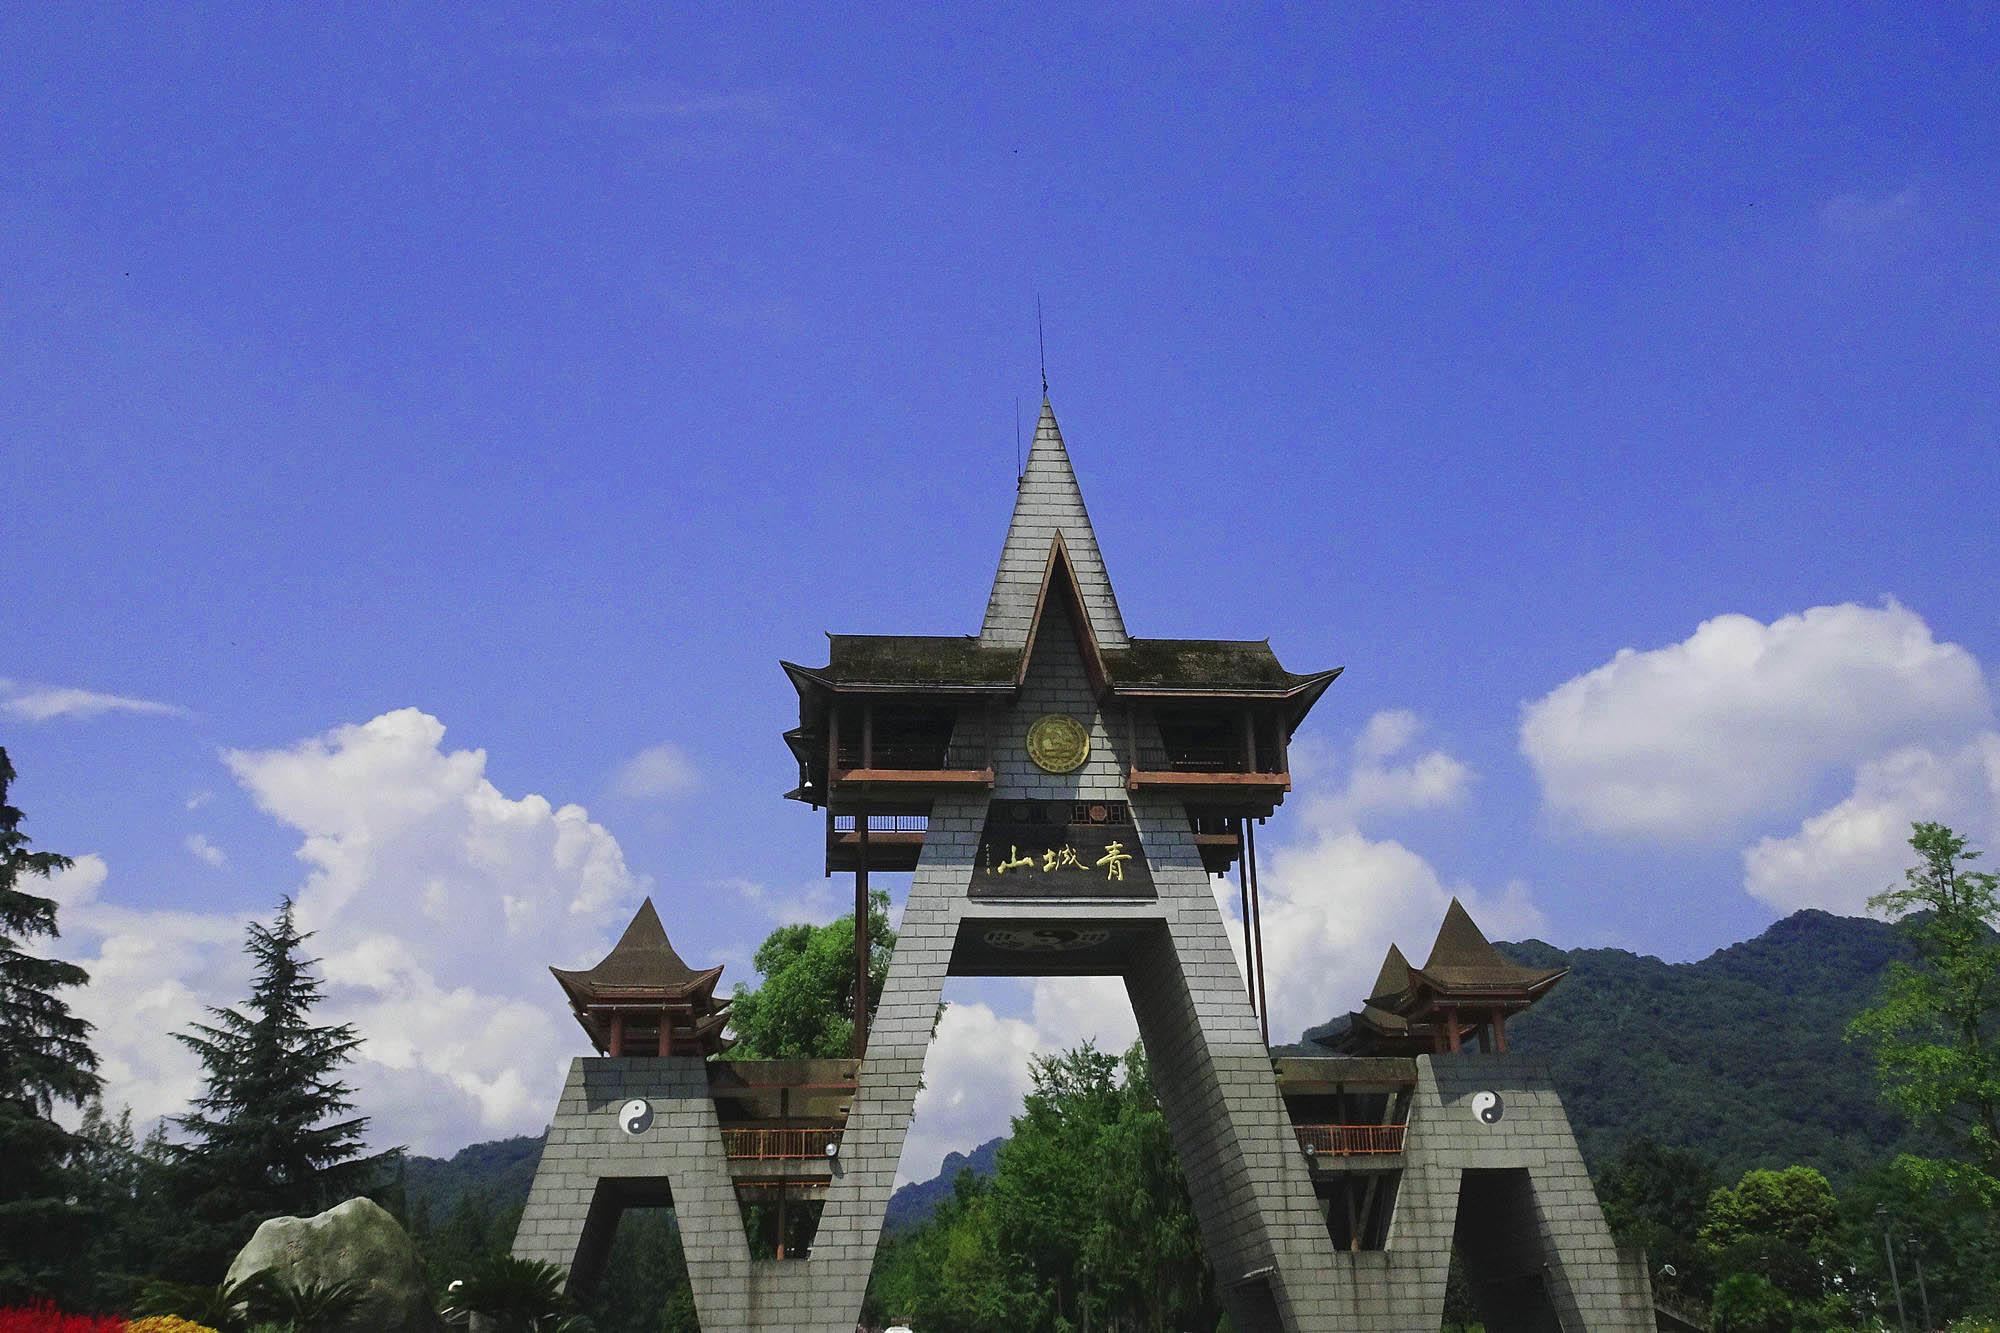 蓝天白云环绕的青城山